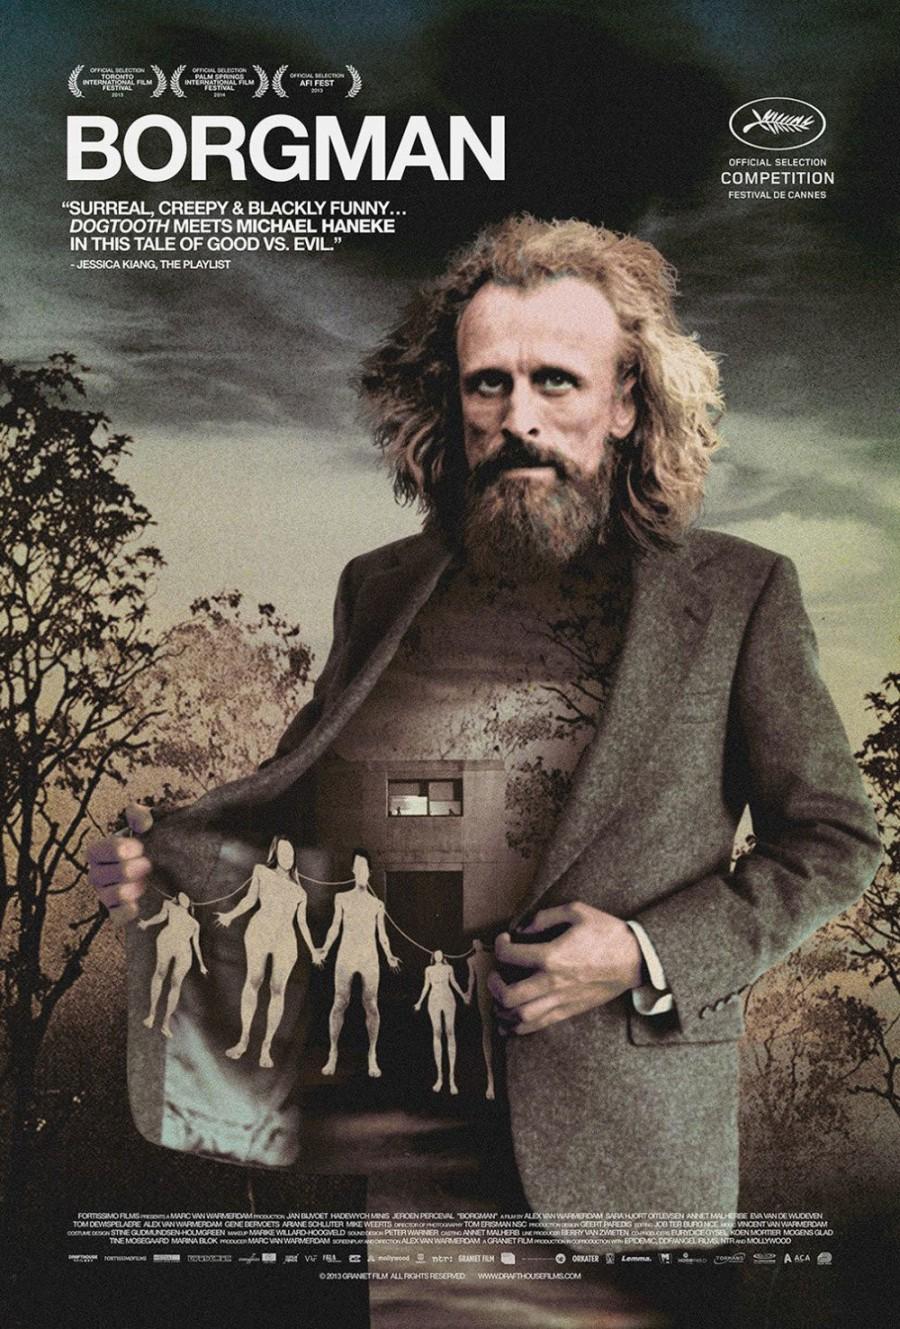 img 1577366927 18812@900 - 近10年来最厉害的电影海报!《MUBI》公布前10名作品,亚洲电影包办半数